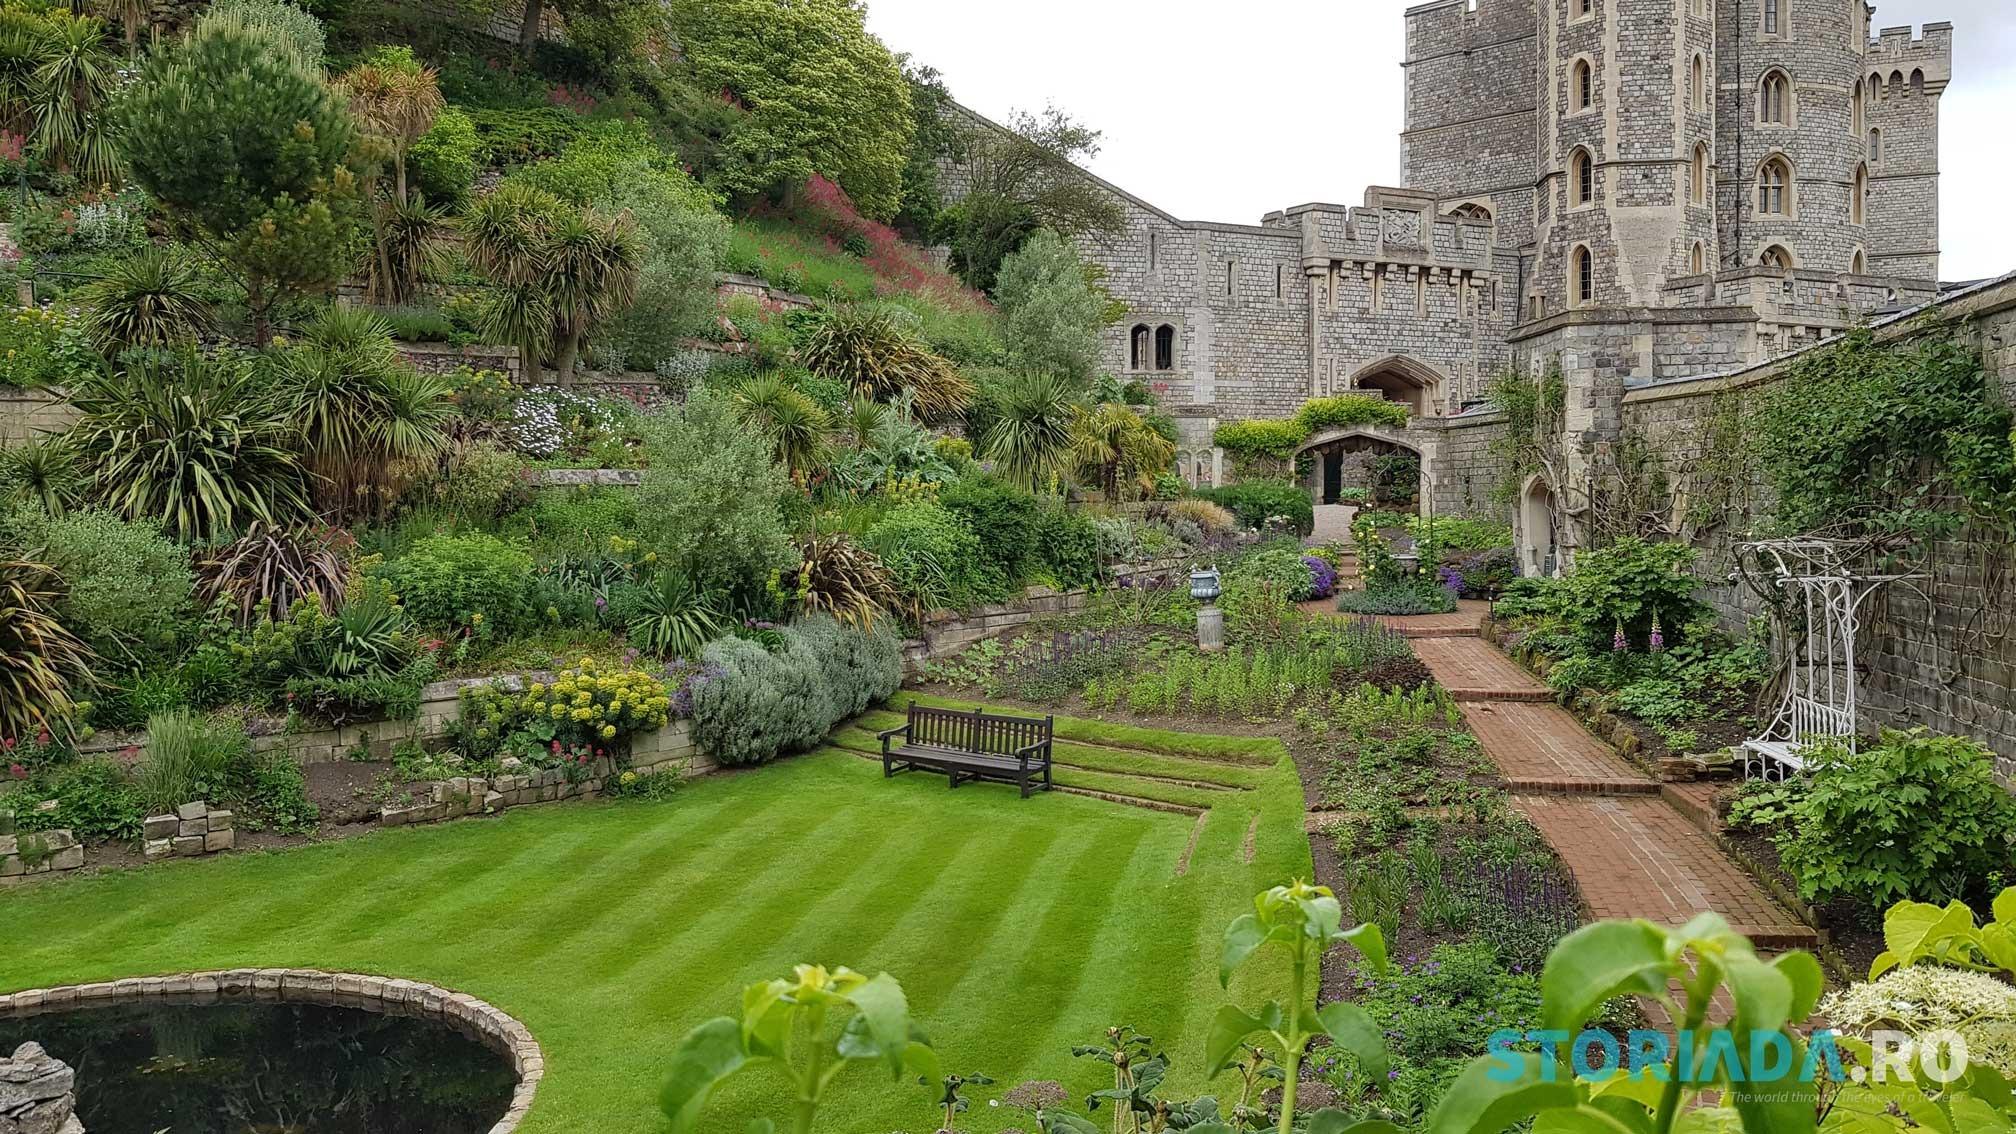 Grădina reginei, Castelul Windsor, Marea Britanie